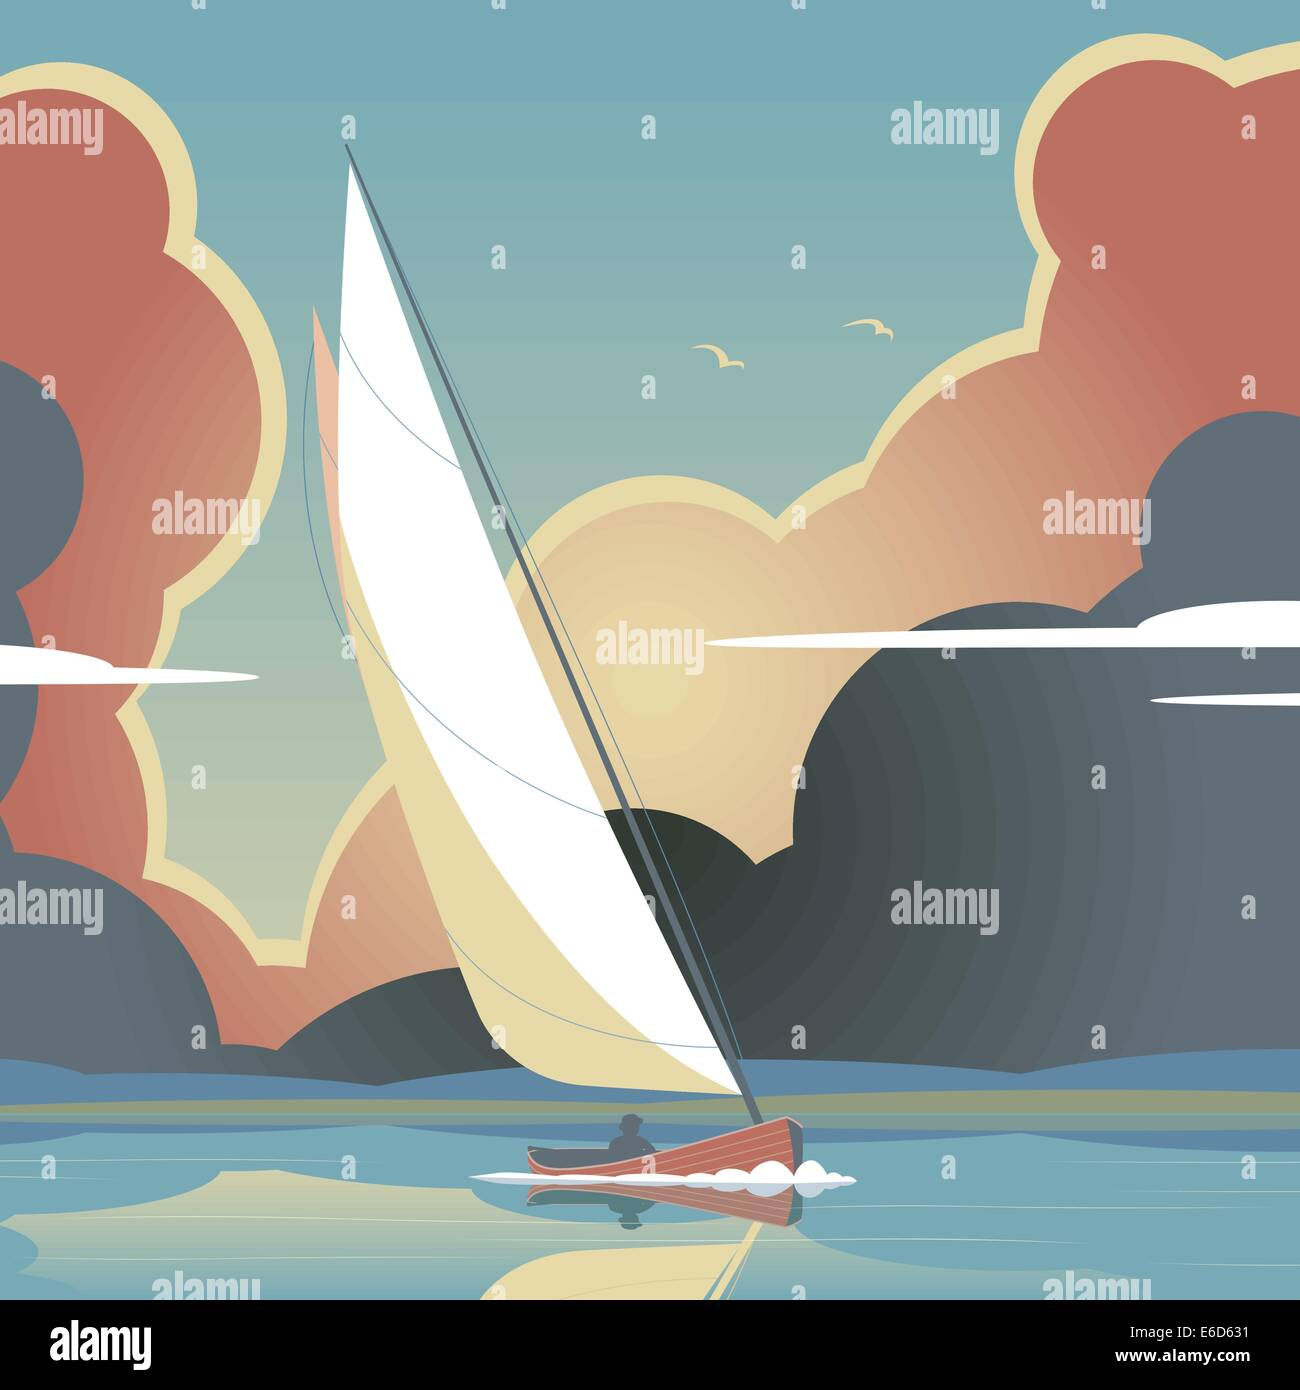 Illustration vectorielle modifiable d'un homme d'un yacht à voile sur l'eau calme Illustration de Vecteur